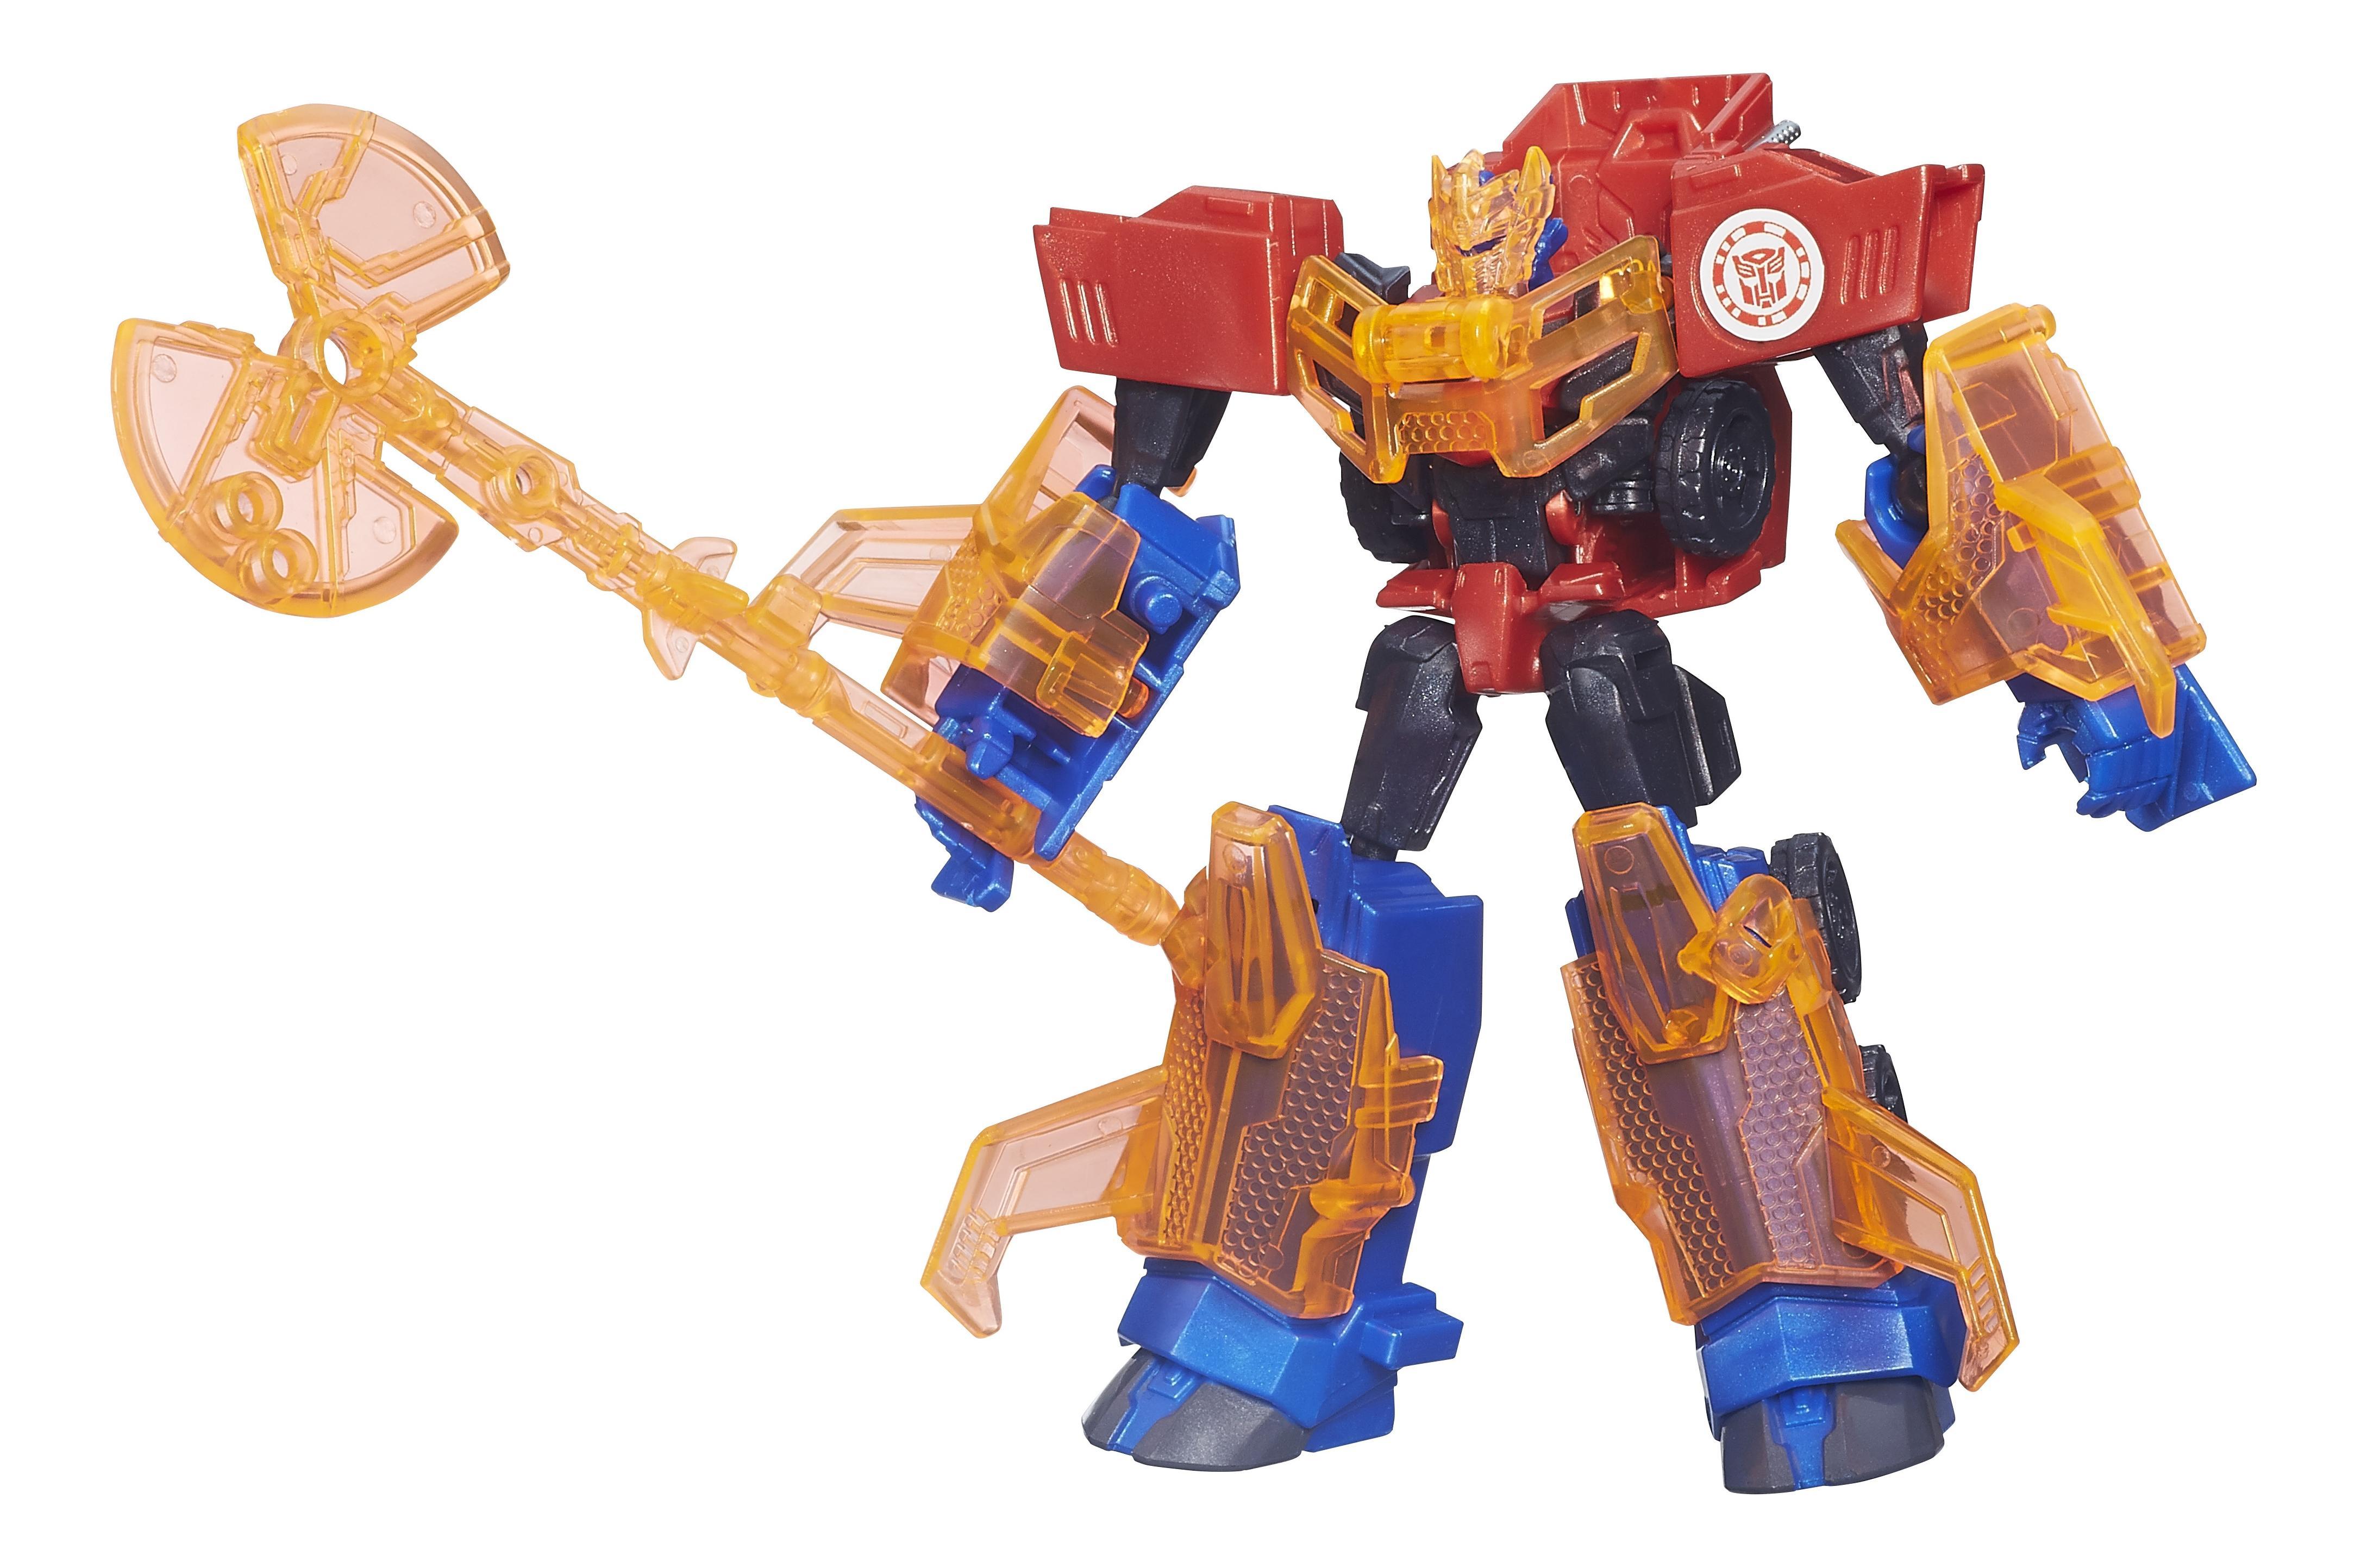 Купить Трансформеры роботы под прикрытием: миниконы бэтл-пэкс b4713 b4714, Transformers, Игровые наборы